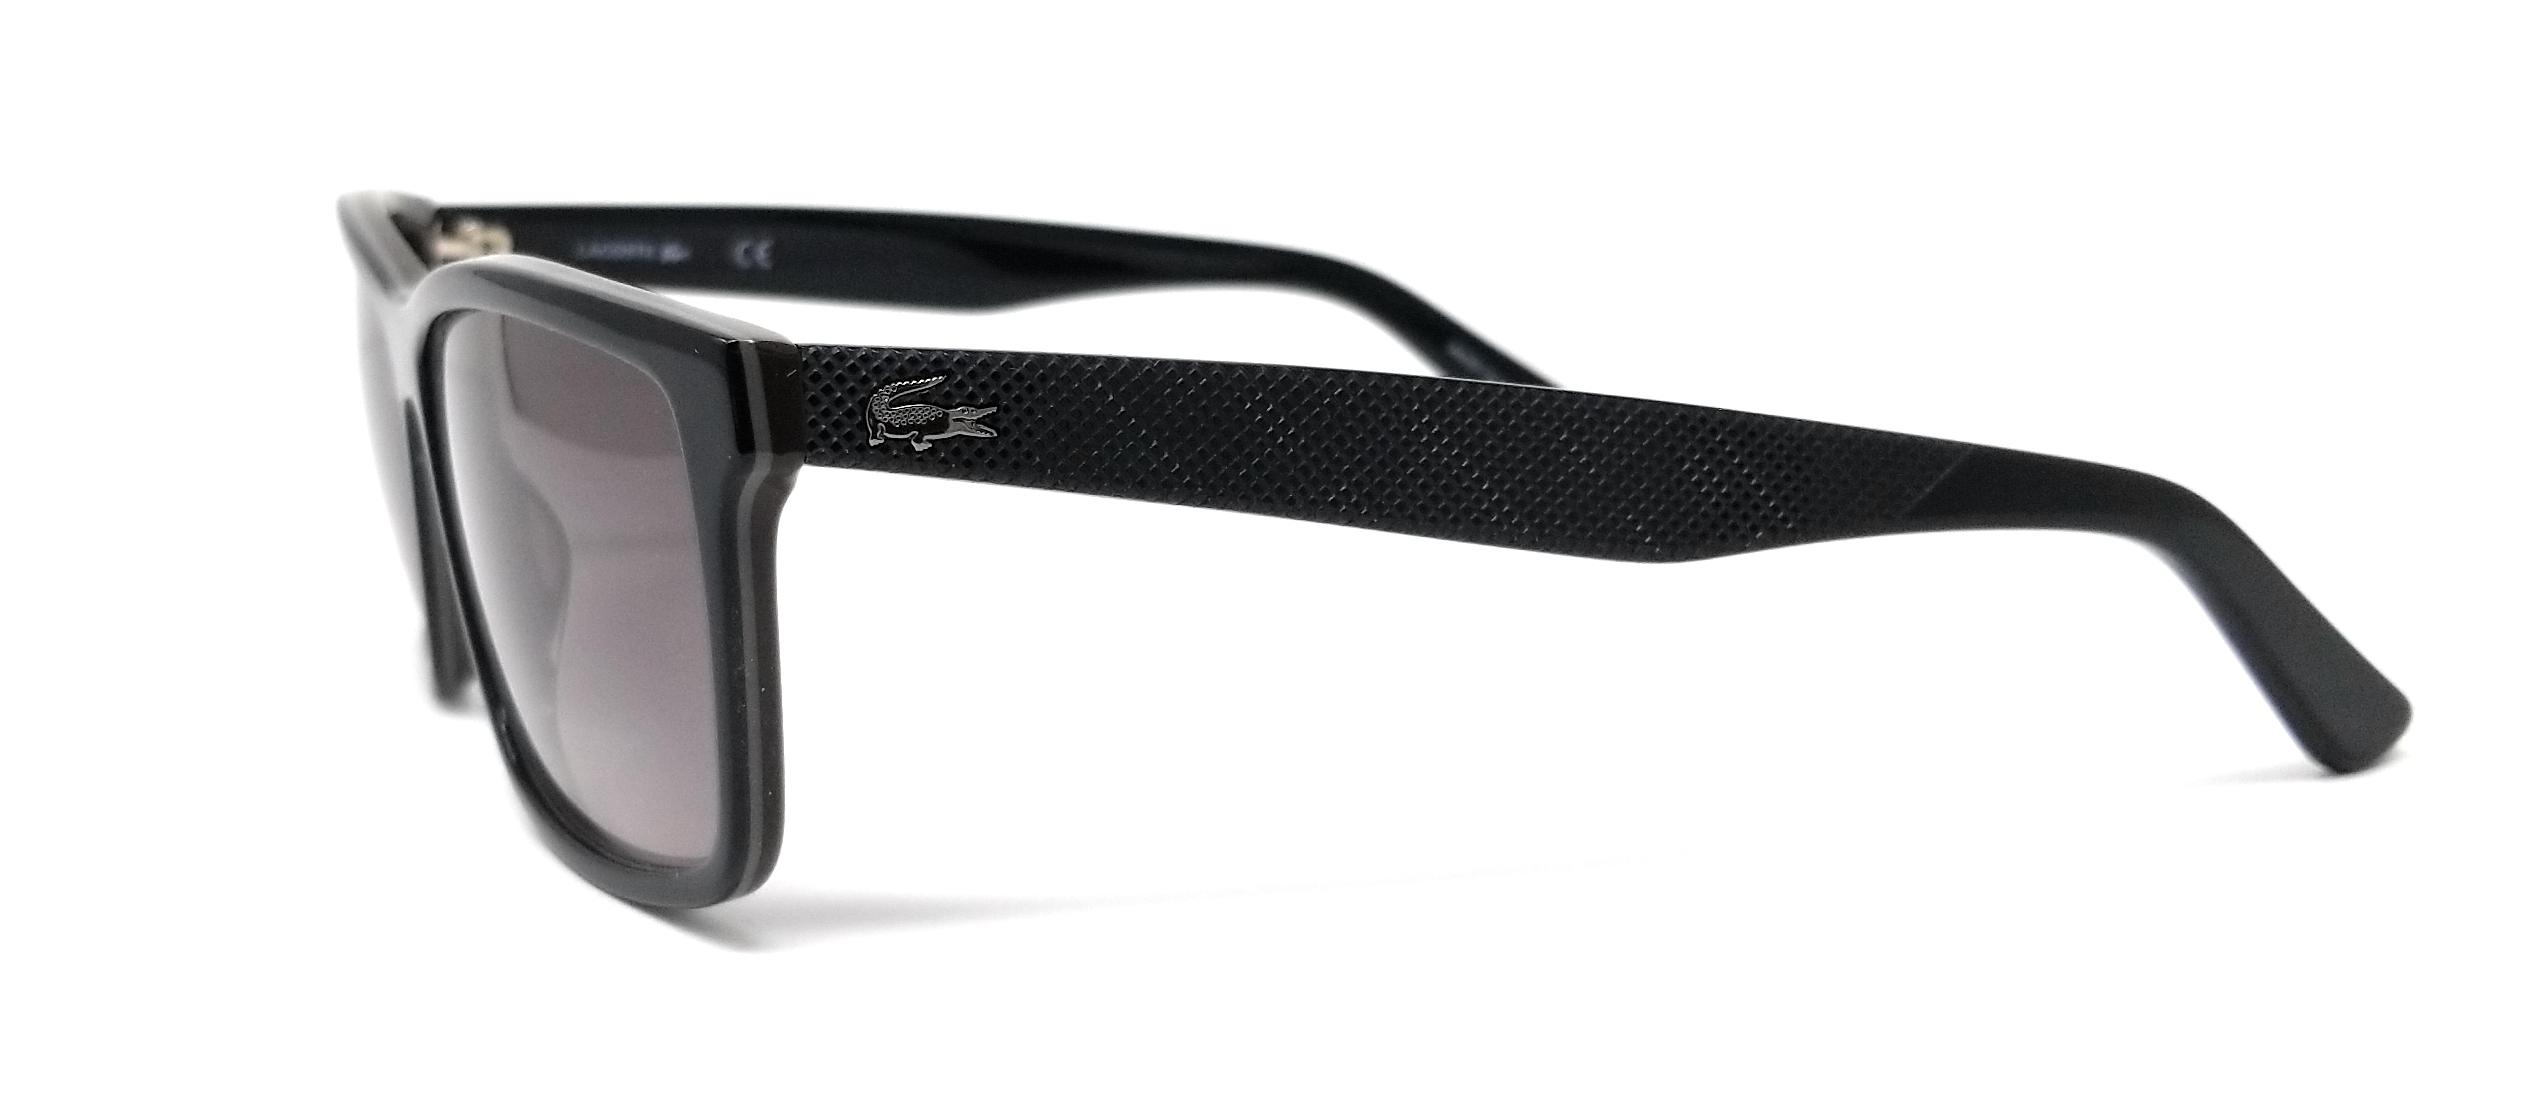 LACOSTE Sunglasses L705S 001 Black-Brown Rectangle Men/'s 57x13x140